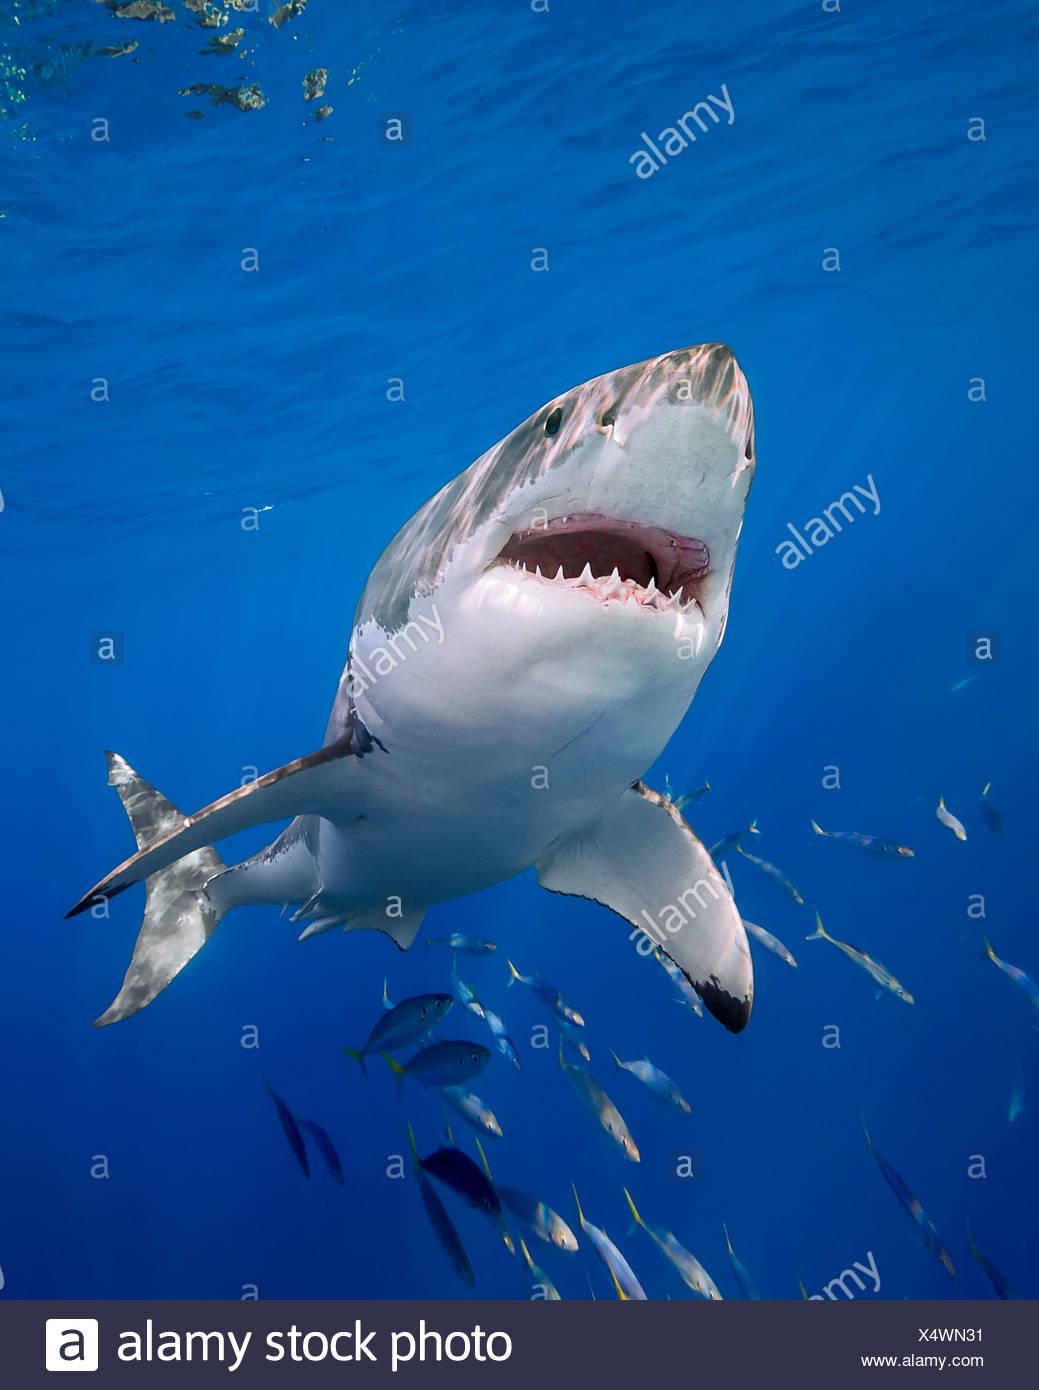 Le grand requin blanc, Carcharodon carcharias, l'île de Guadalupe, Mexique Banque D'Images